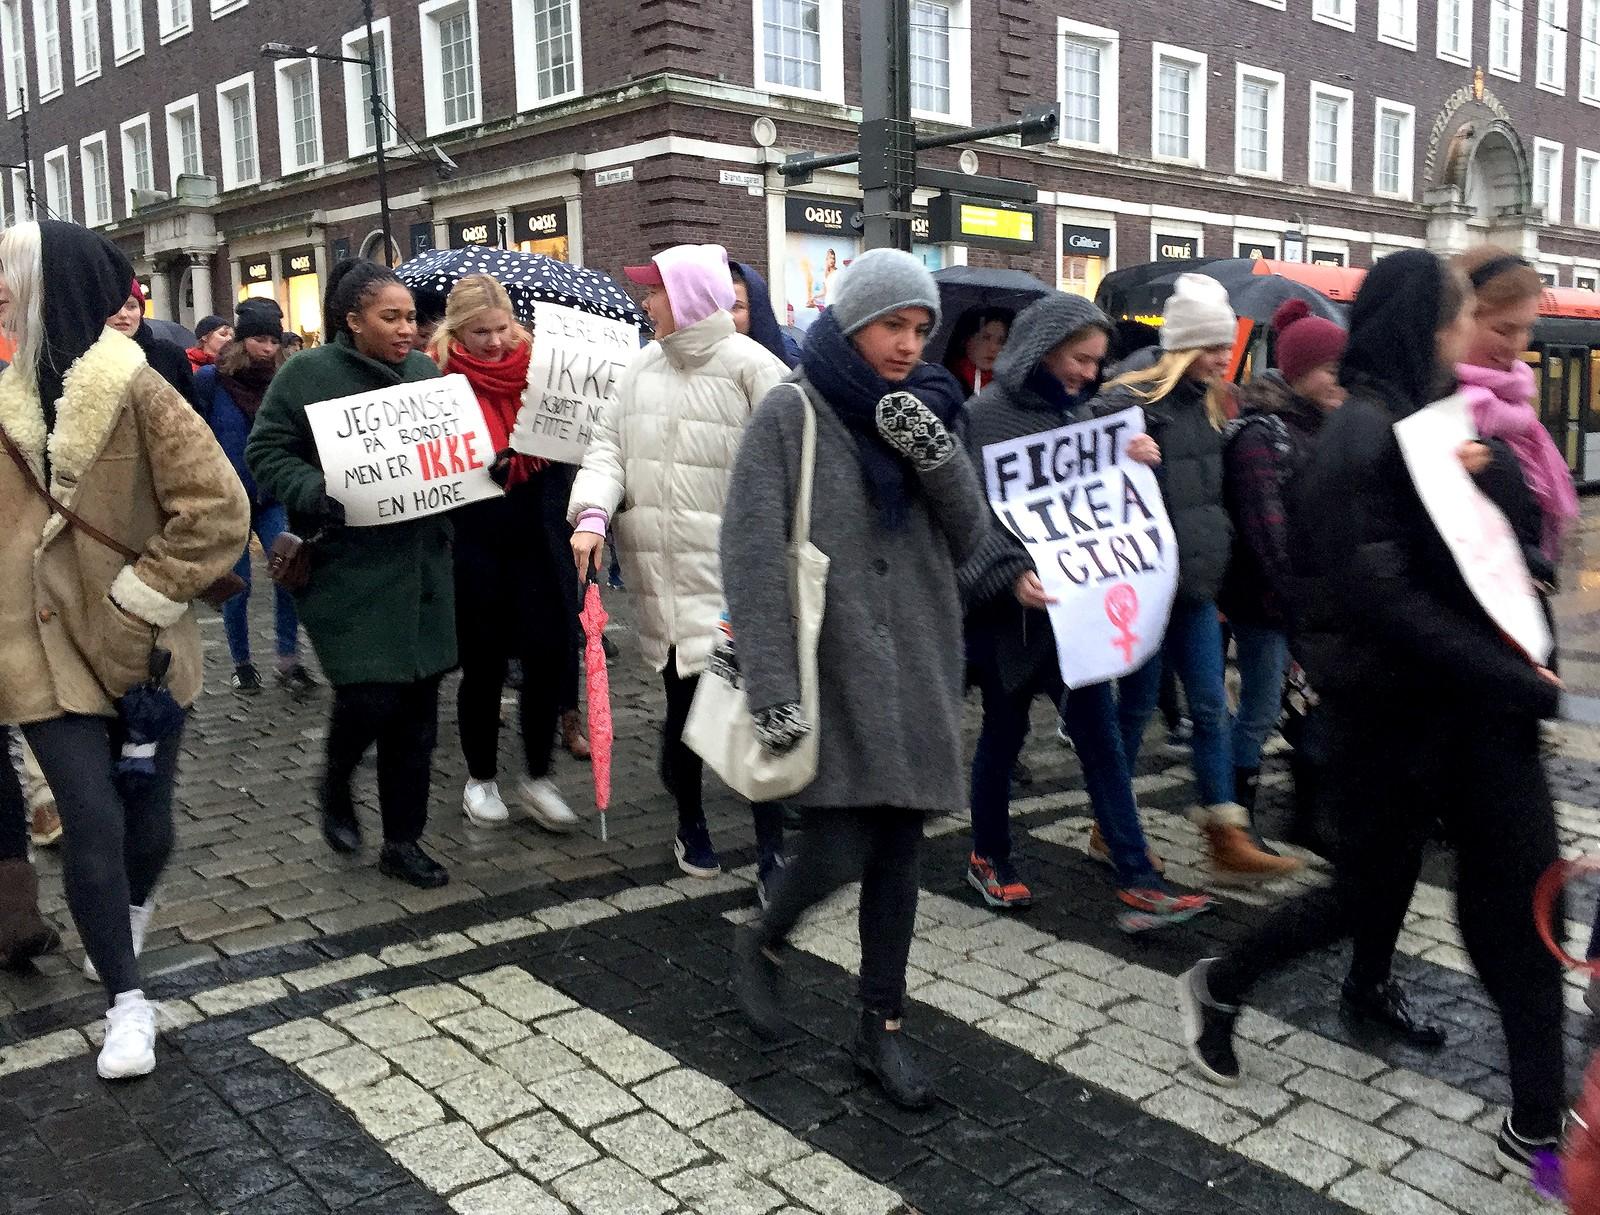 Parolene mot russelåten var også godt synlige fra de unge kvinnene i toget i Bergens gater.